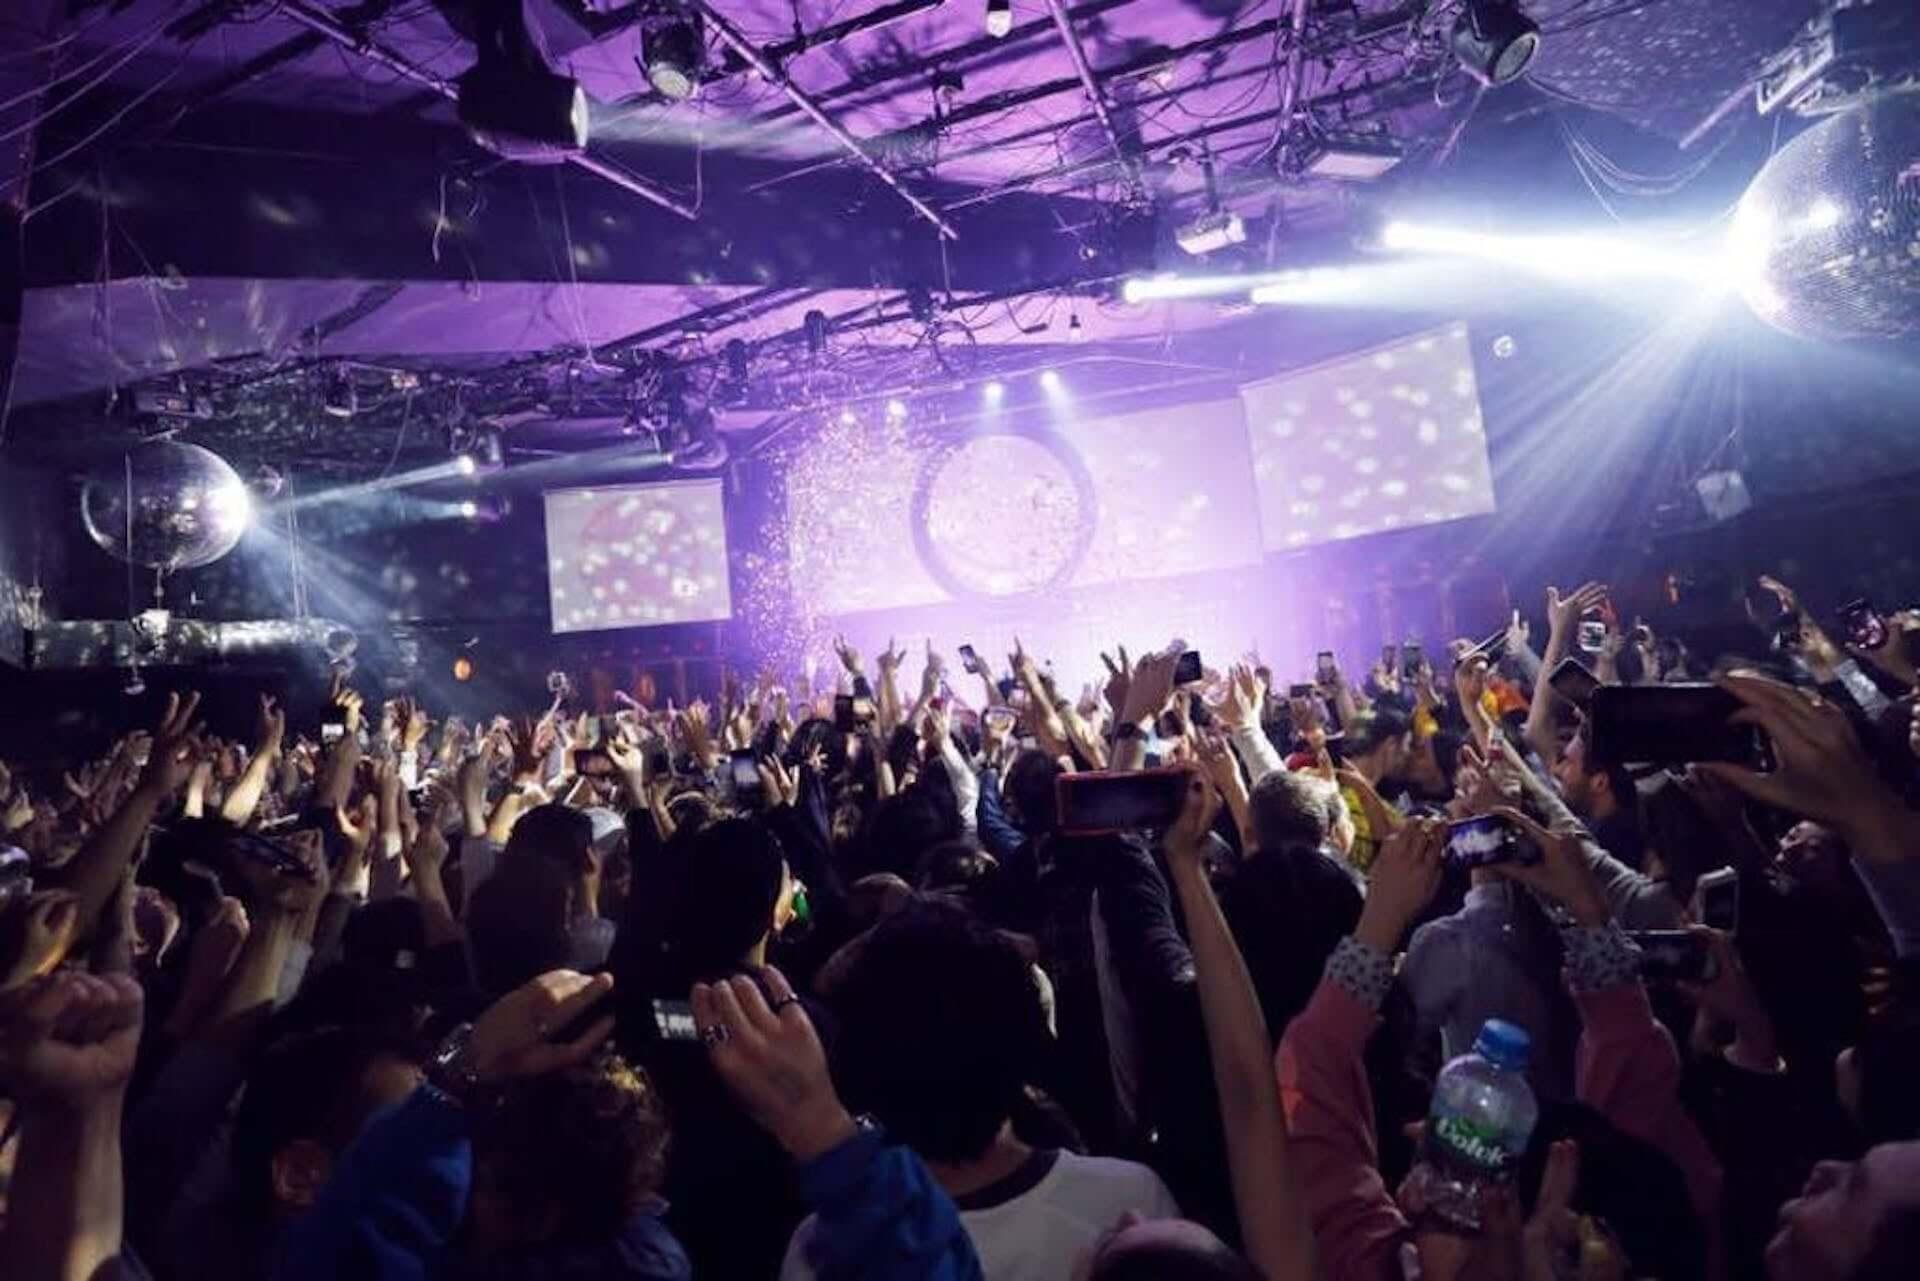 渋谷・VISIONが、クラウドファンディング「SAVE THE SOUND MUSEUM VISION」にて営業再開後の支援金を募集中! music200605_savethevision_02-1920x1281